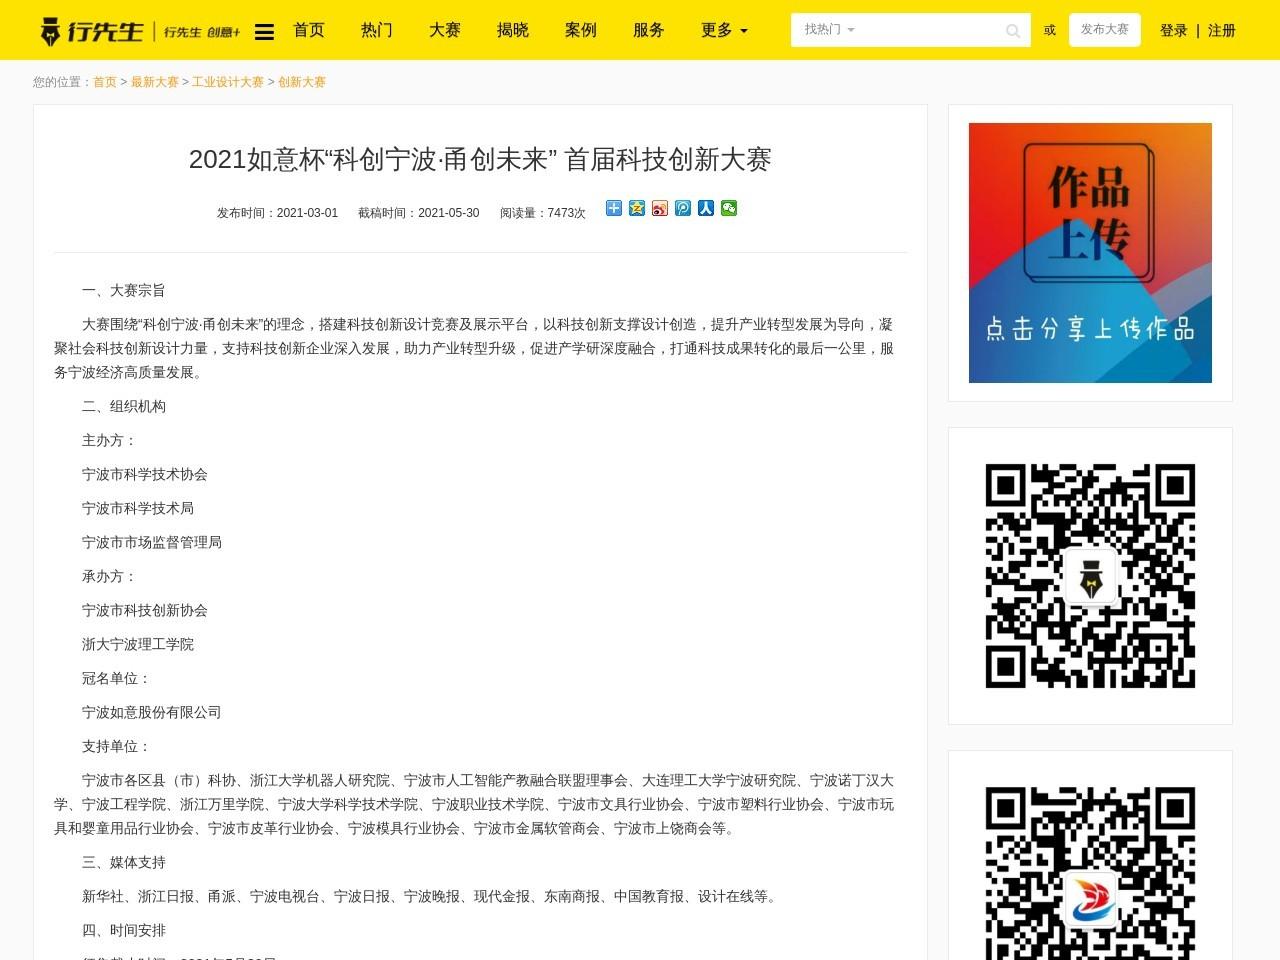 """2021如意杯""""科创宁波·甬创未来"""" 首届科技创新大赛"""